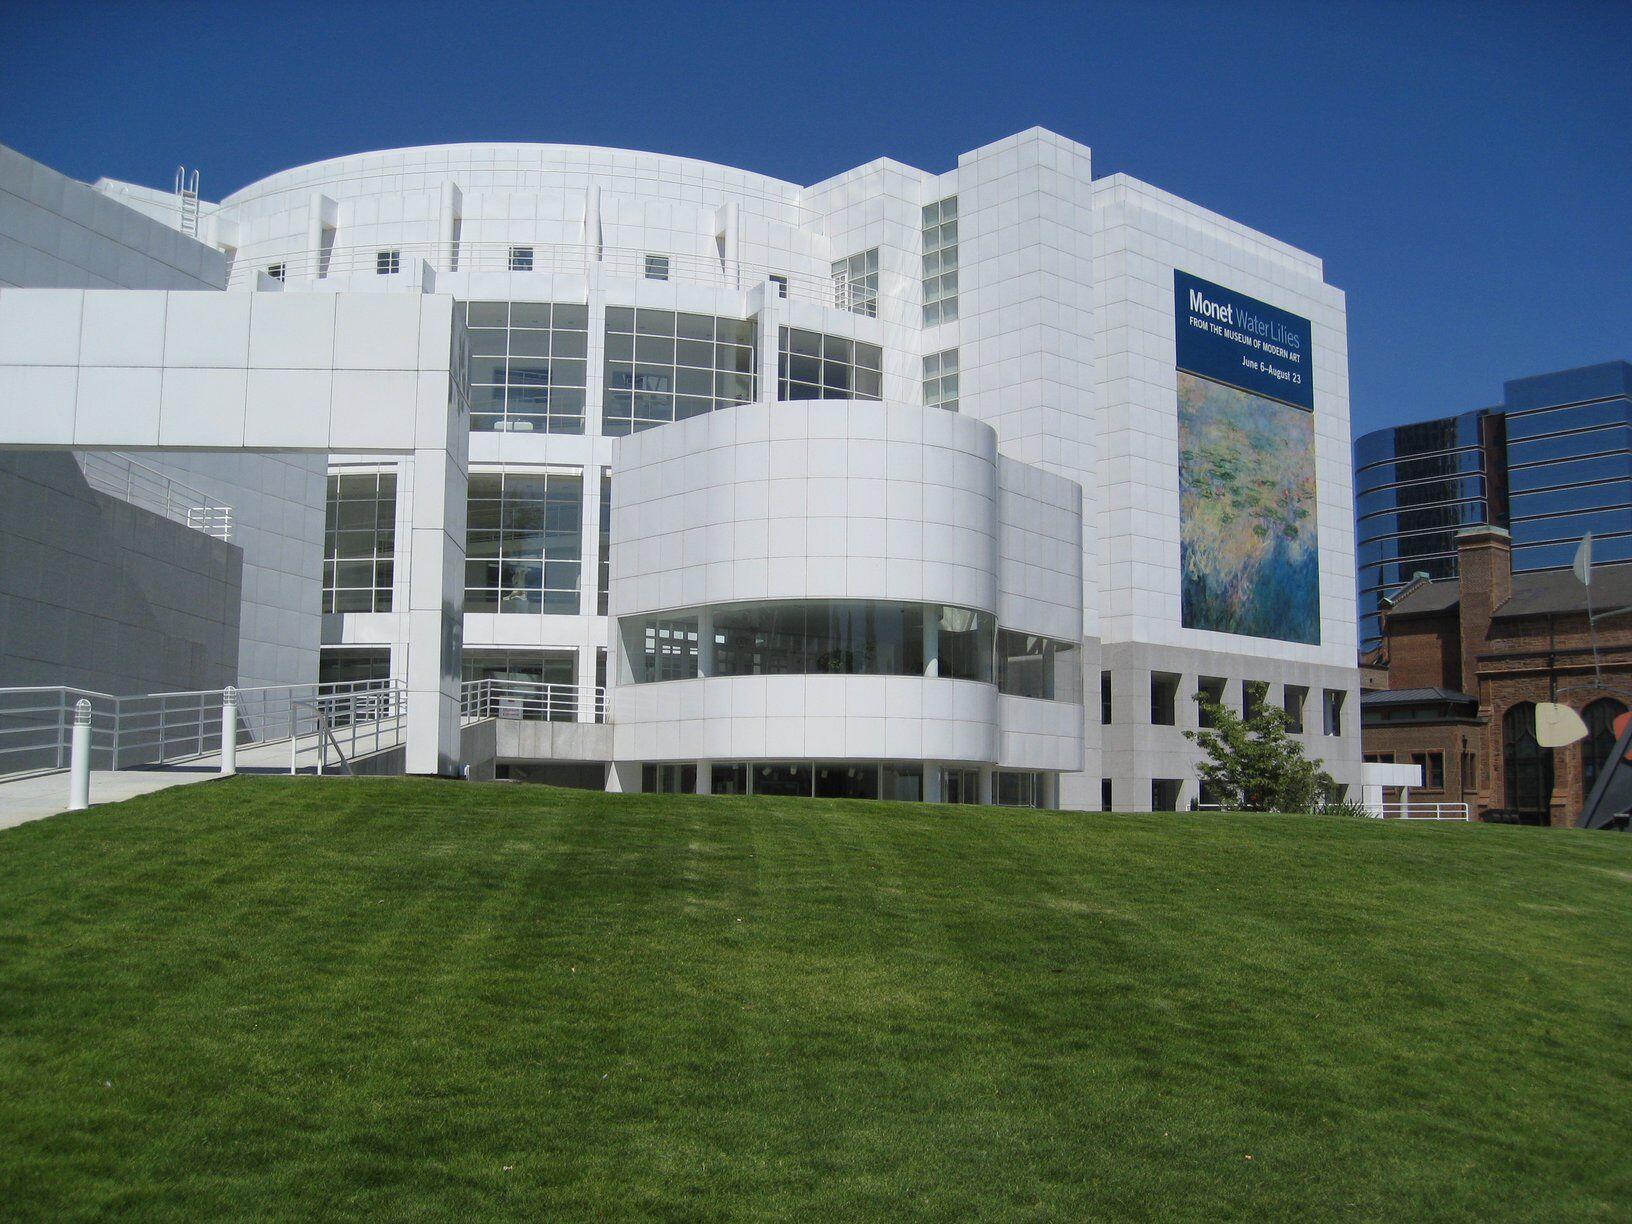 High Museum of Art exterior